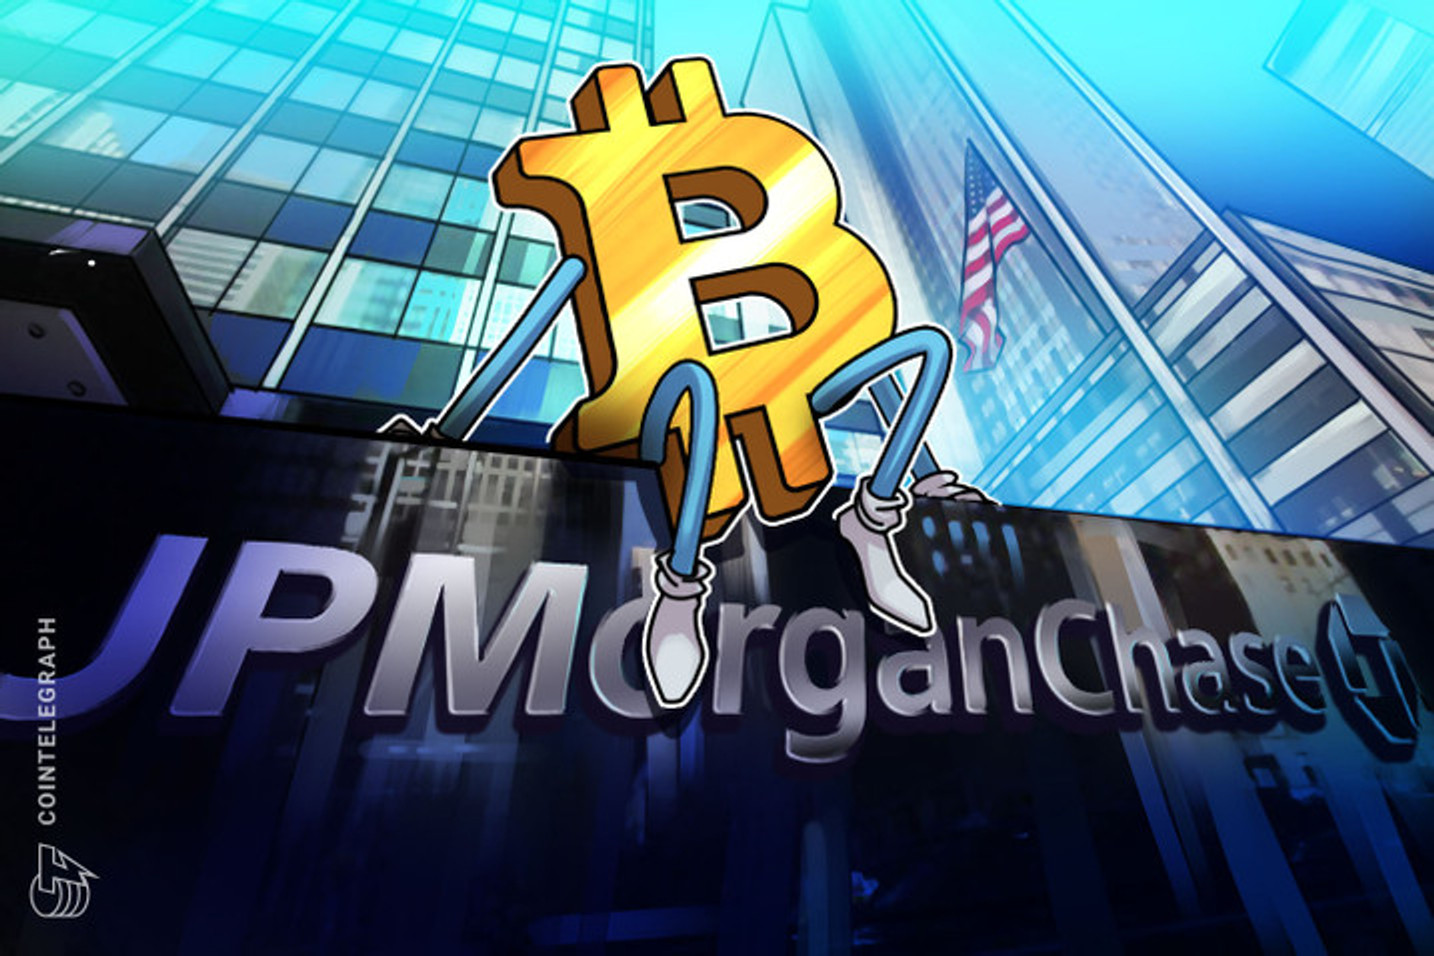 仮想通貨ビットコイン 本質価値より13%割高=JPモルガン|来年はテザーがイーサを超える?